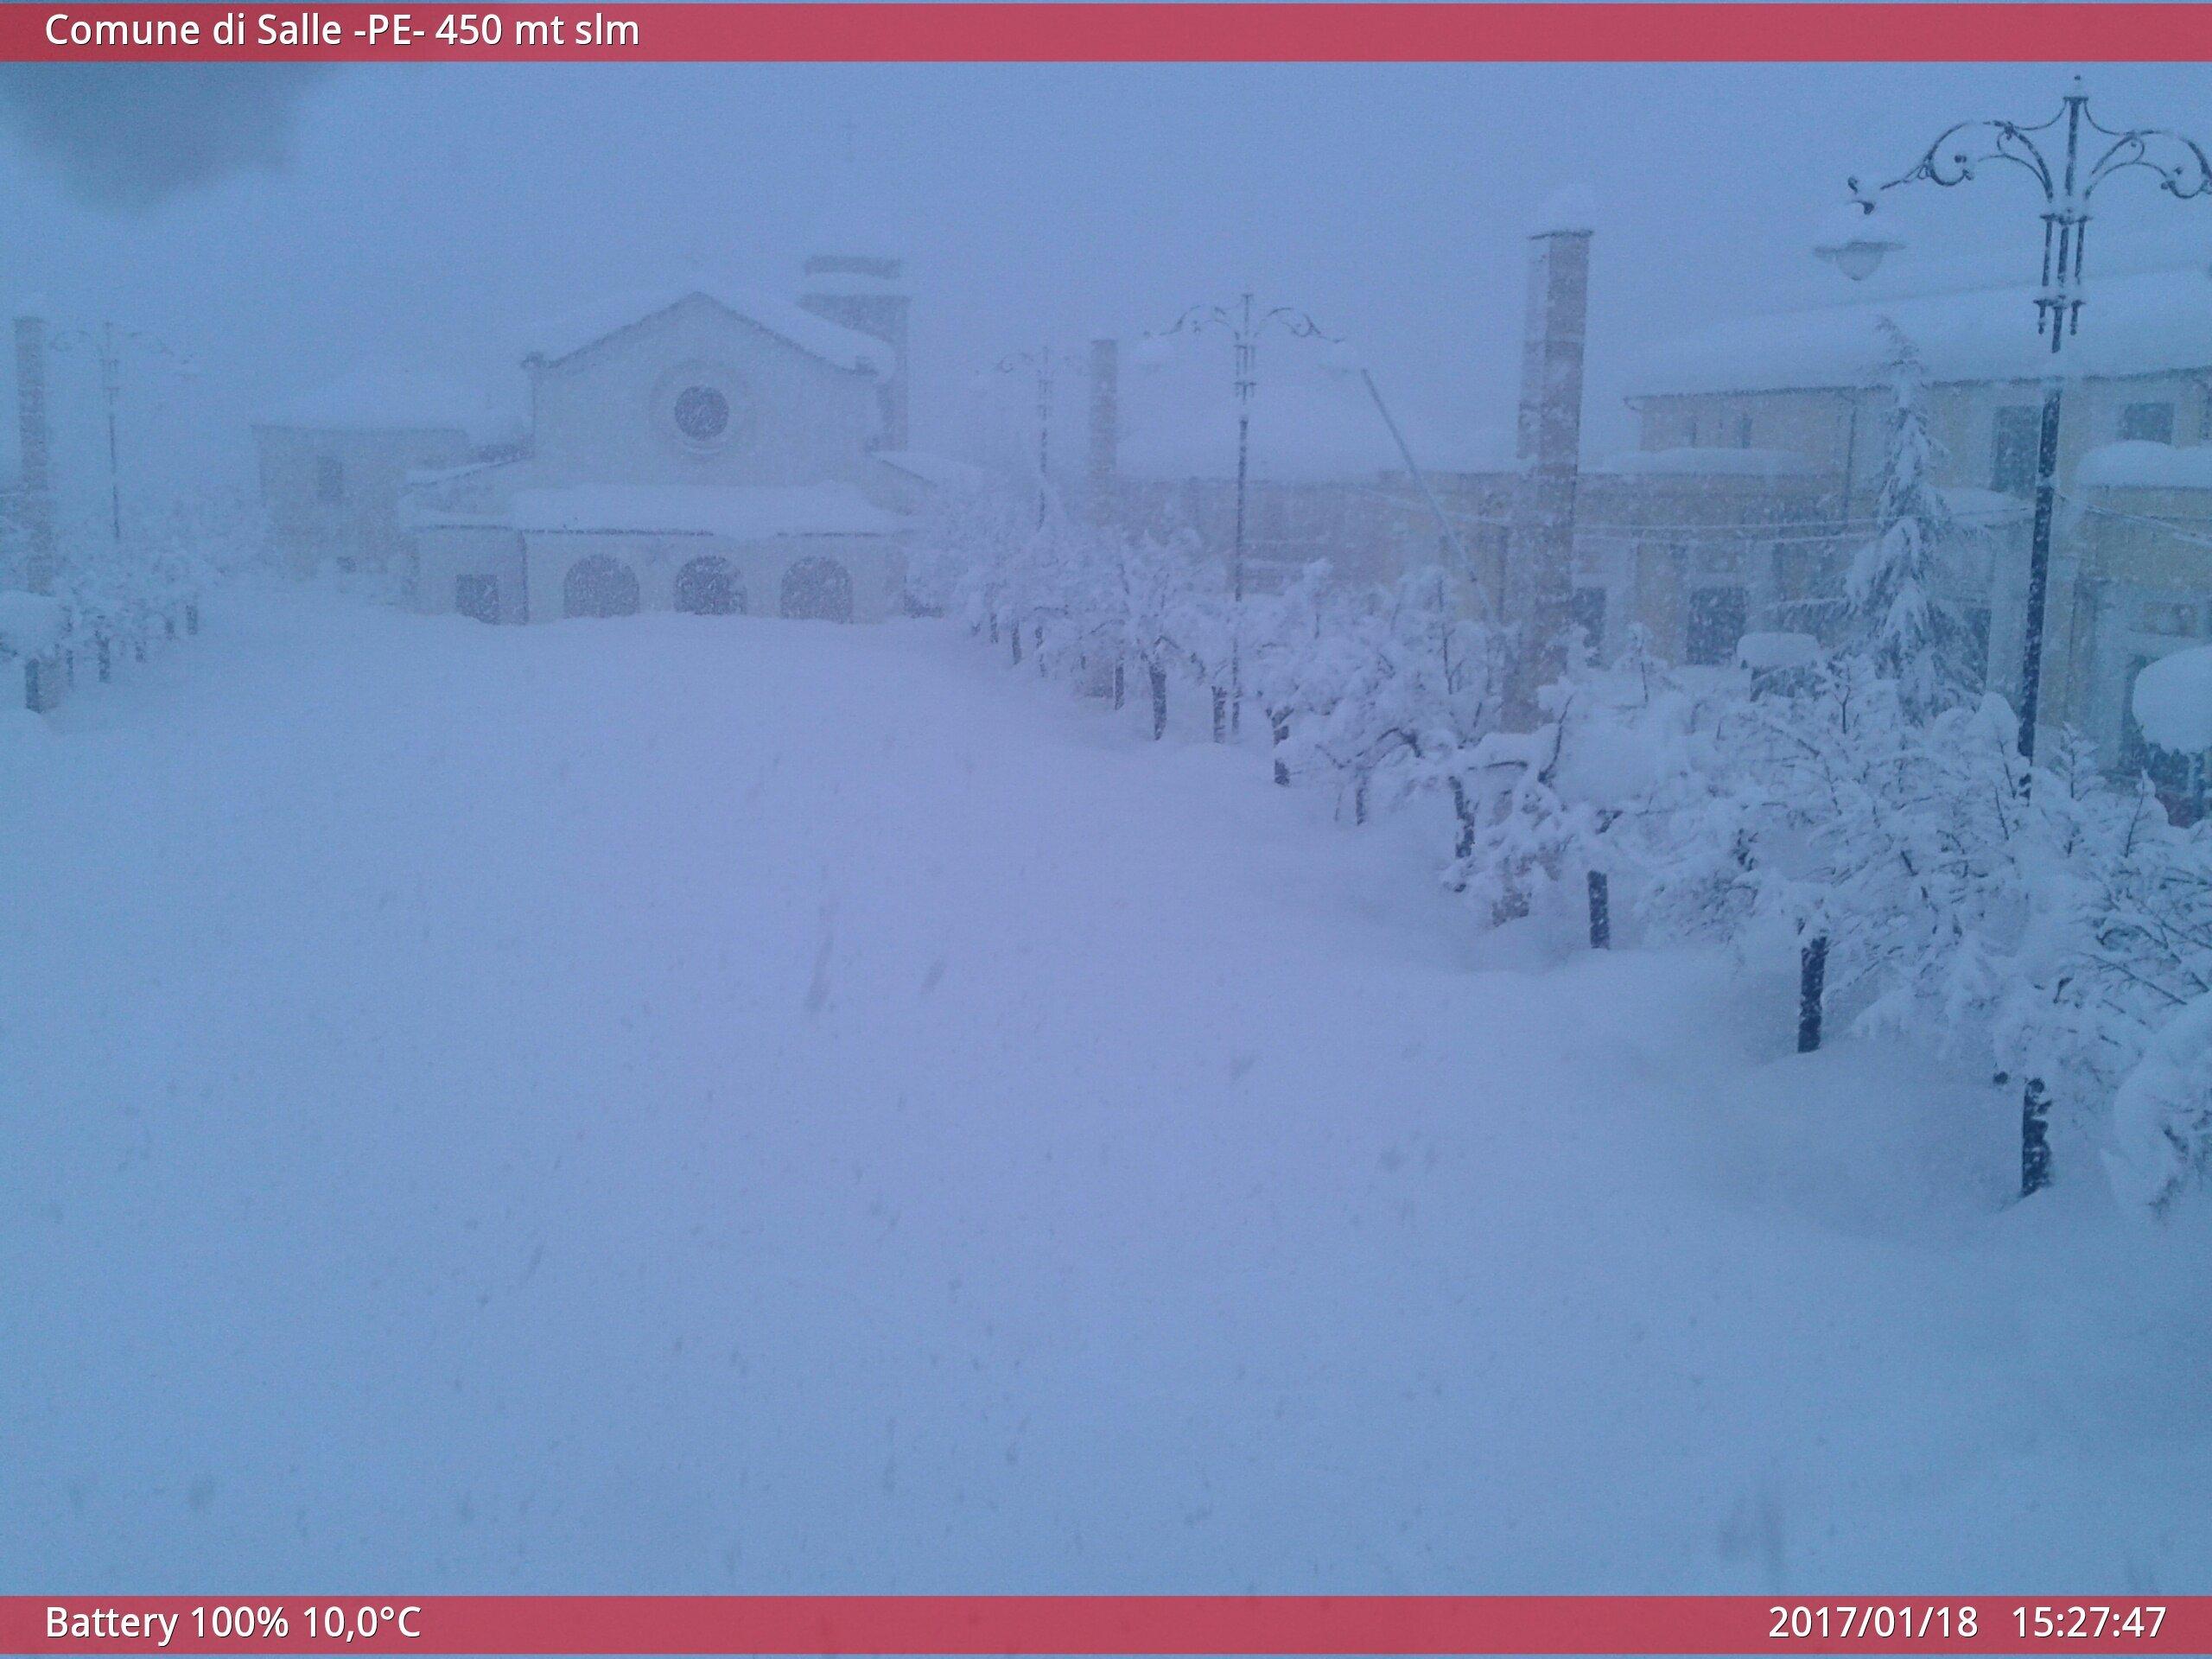 01 5 - Abruzzo, nevicata storica. Oltre due metri di neve a 400 metri